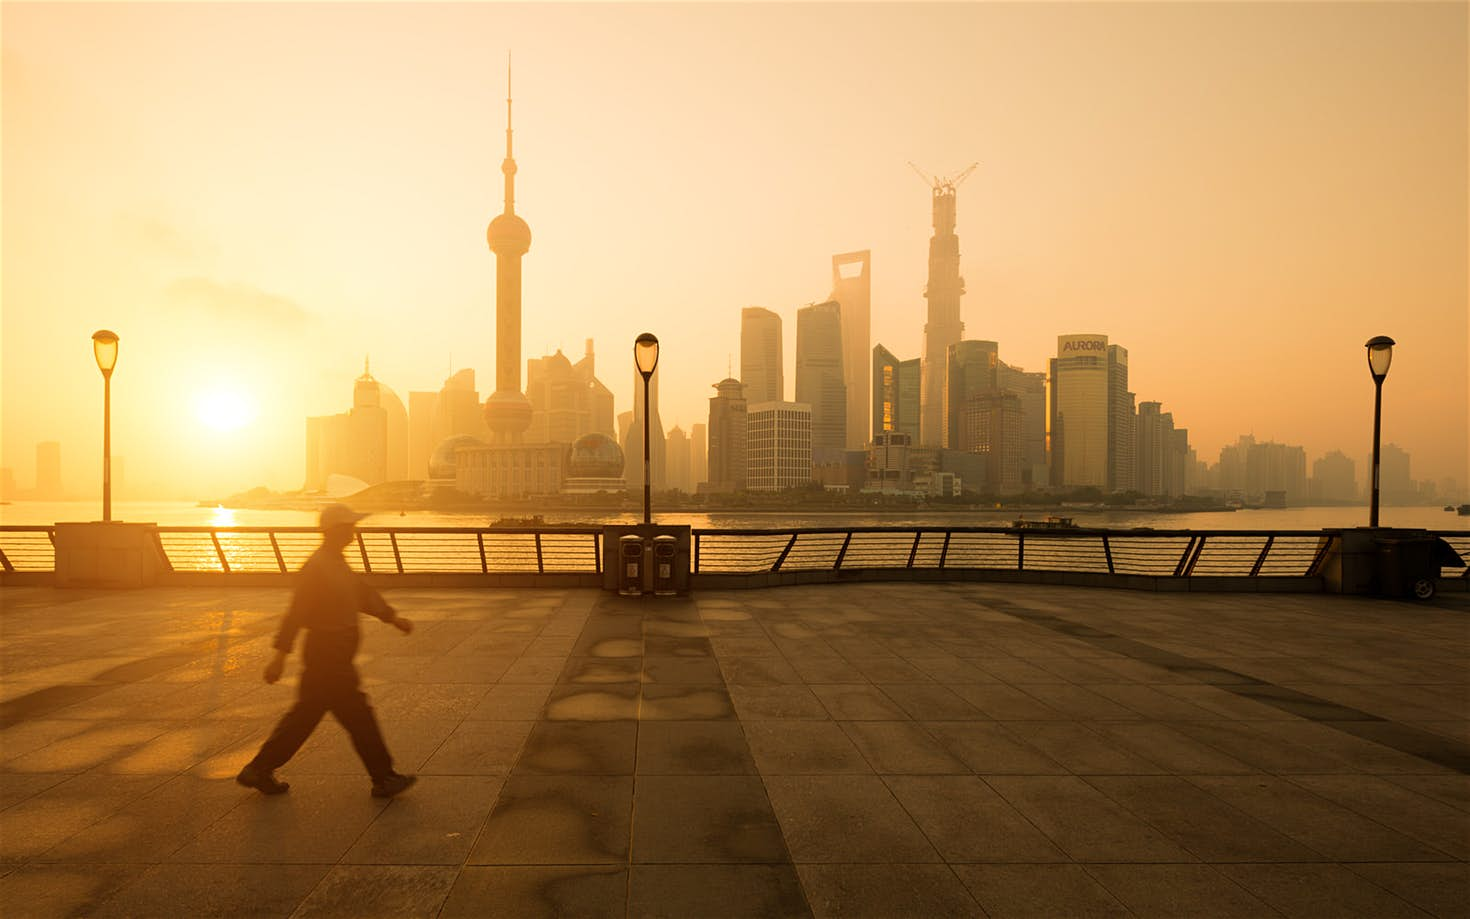 365早报:三六零上市首日遭跌停 2月份沪指累计跌逾6%